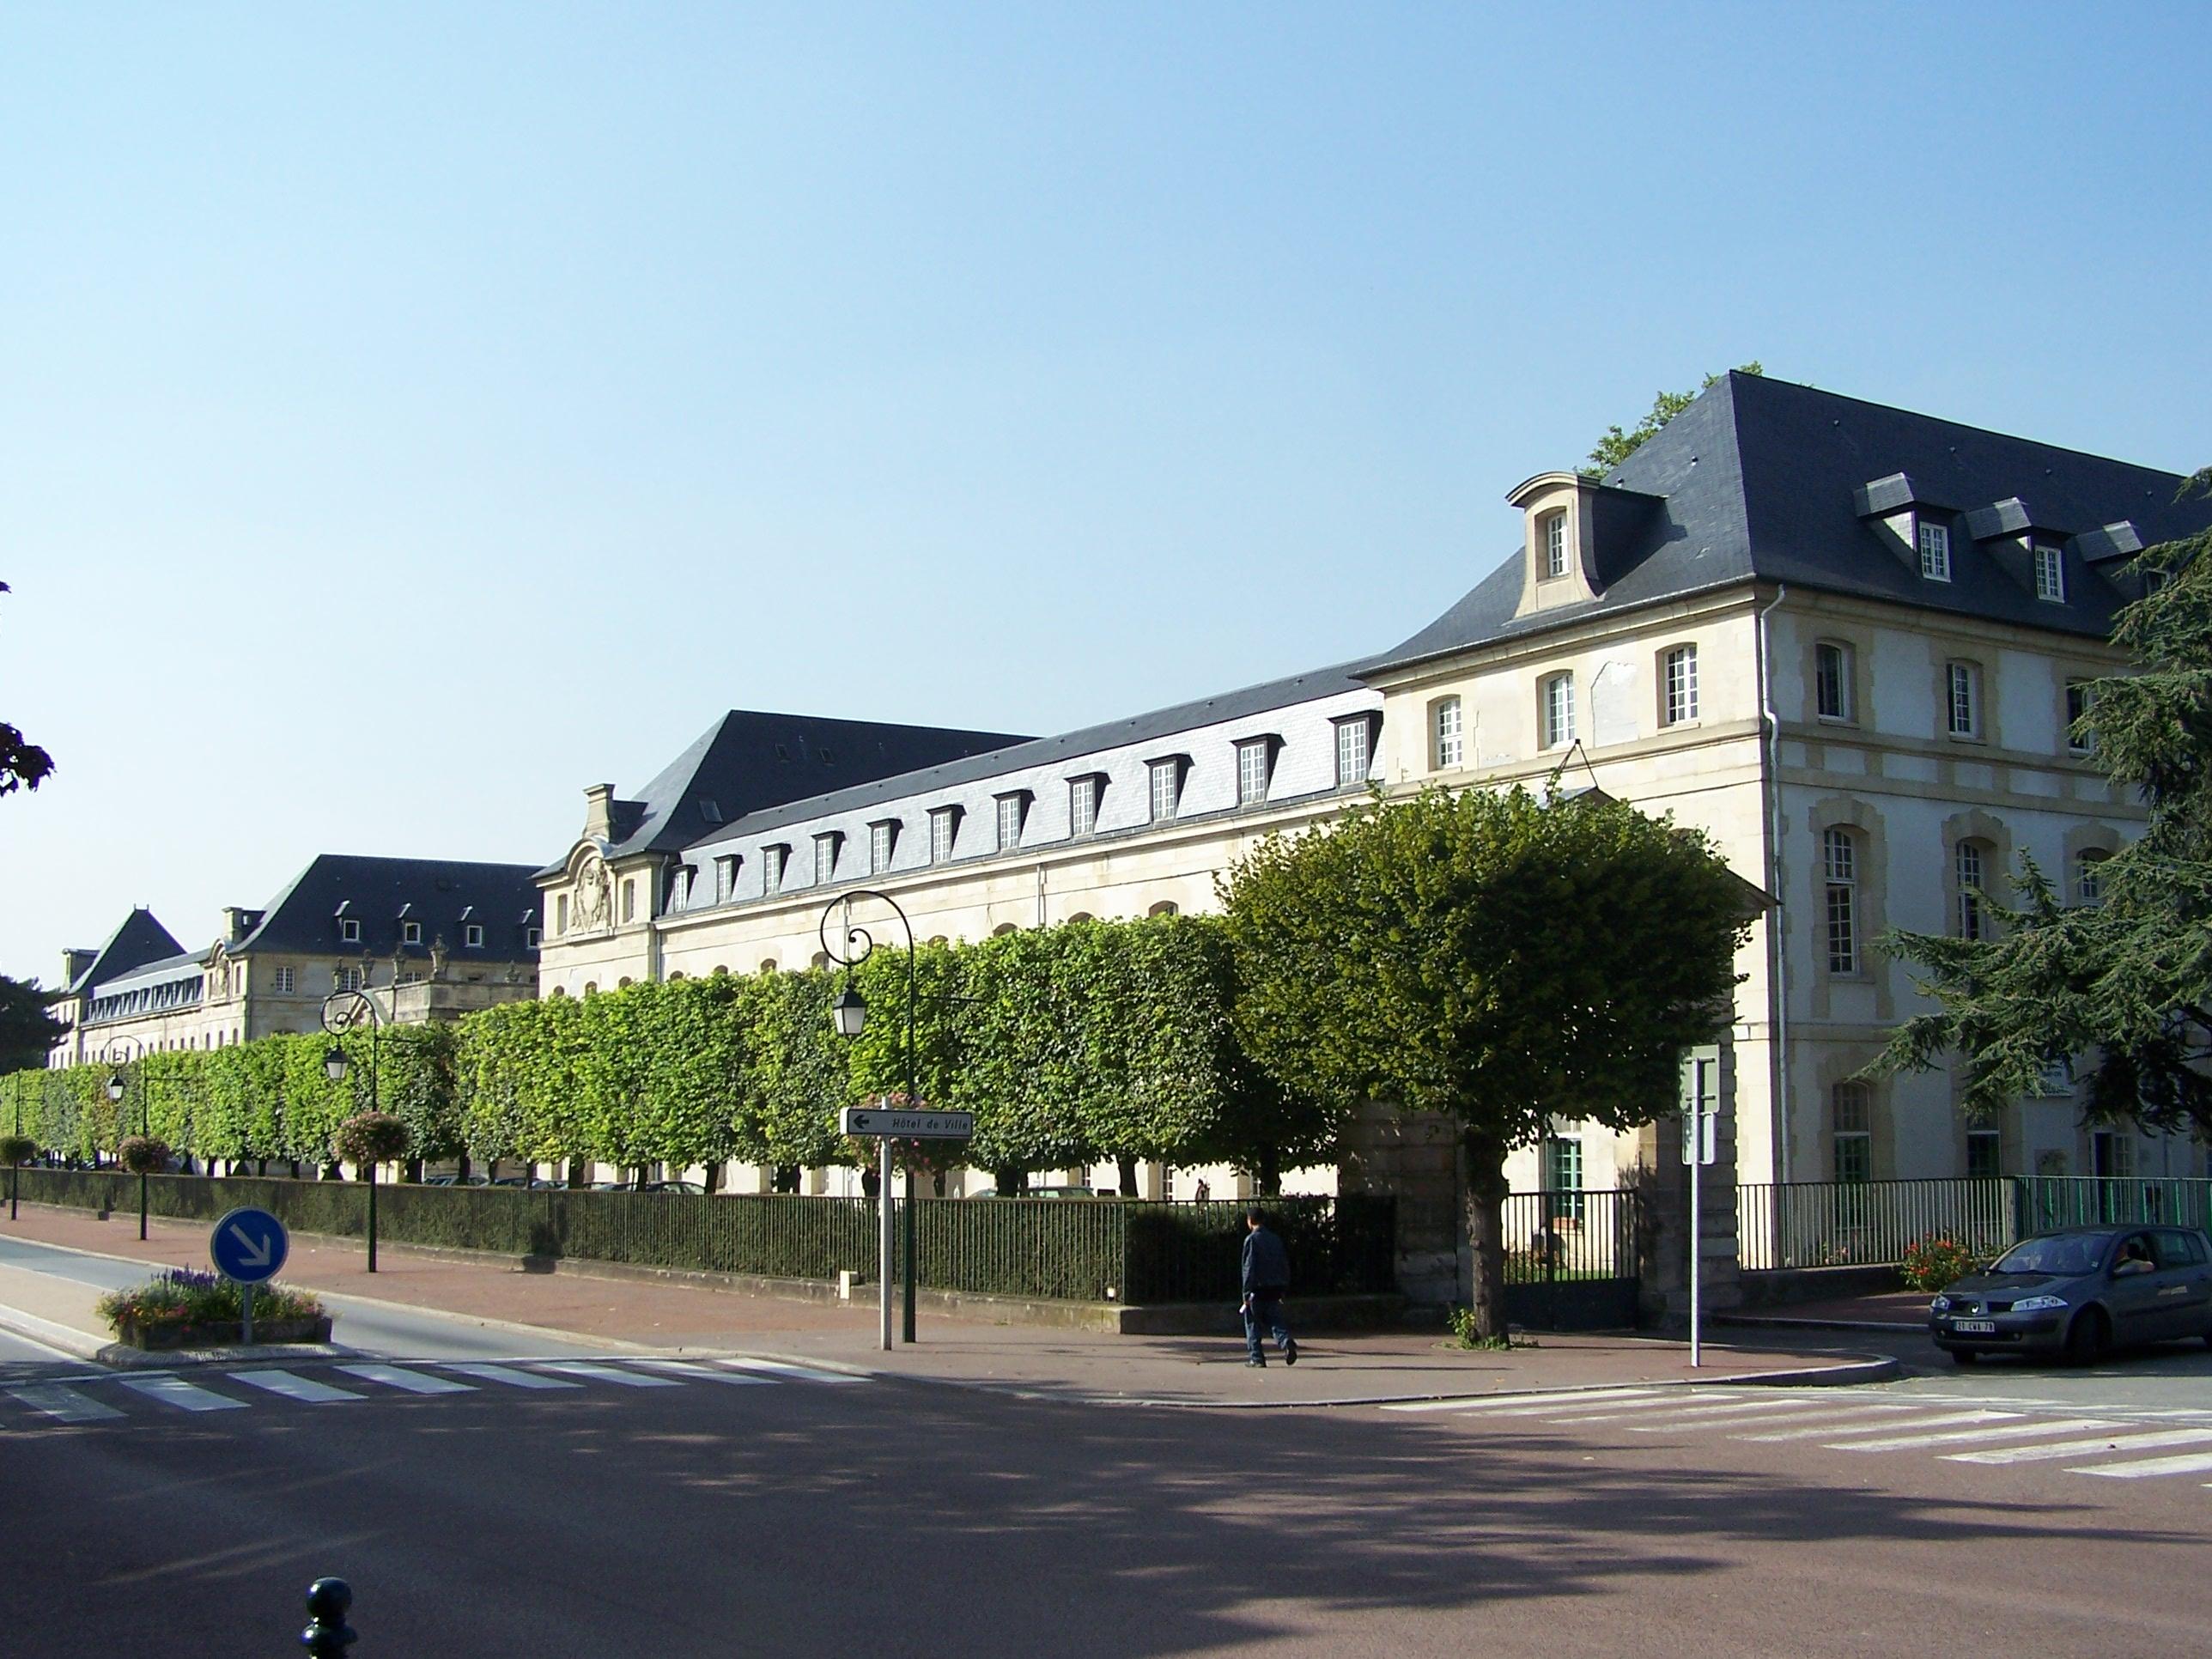 Saint-Cyr-l'Ecole France  city photos gallery : Fichier d'origine  2 576 × 1 932 pixels, taille du fichier : 978 ...